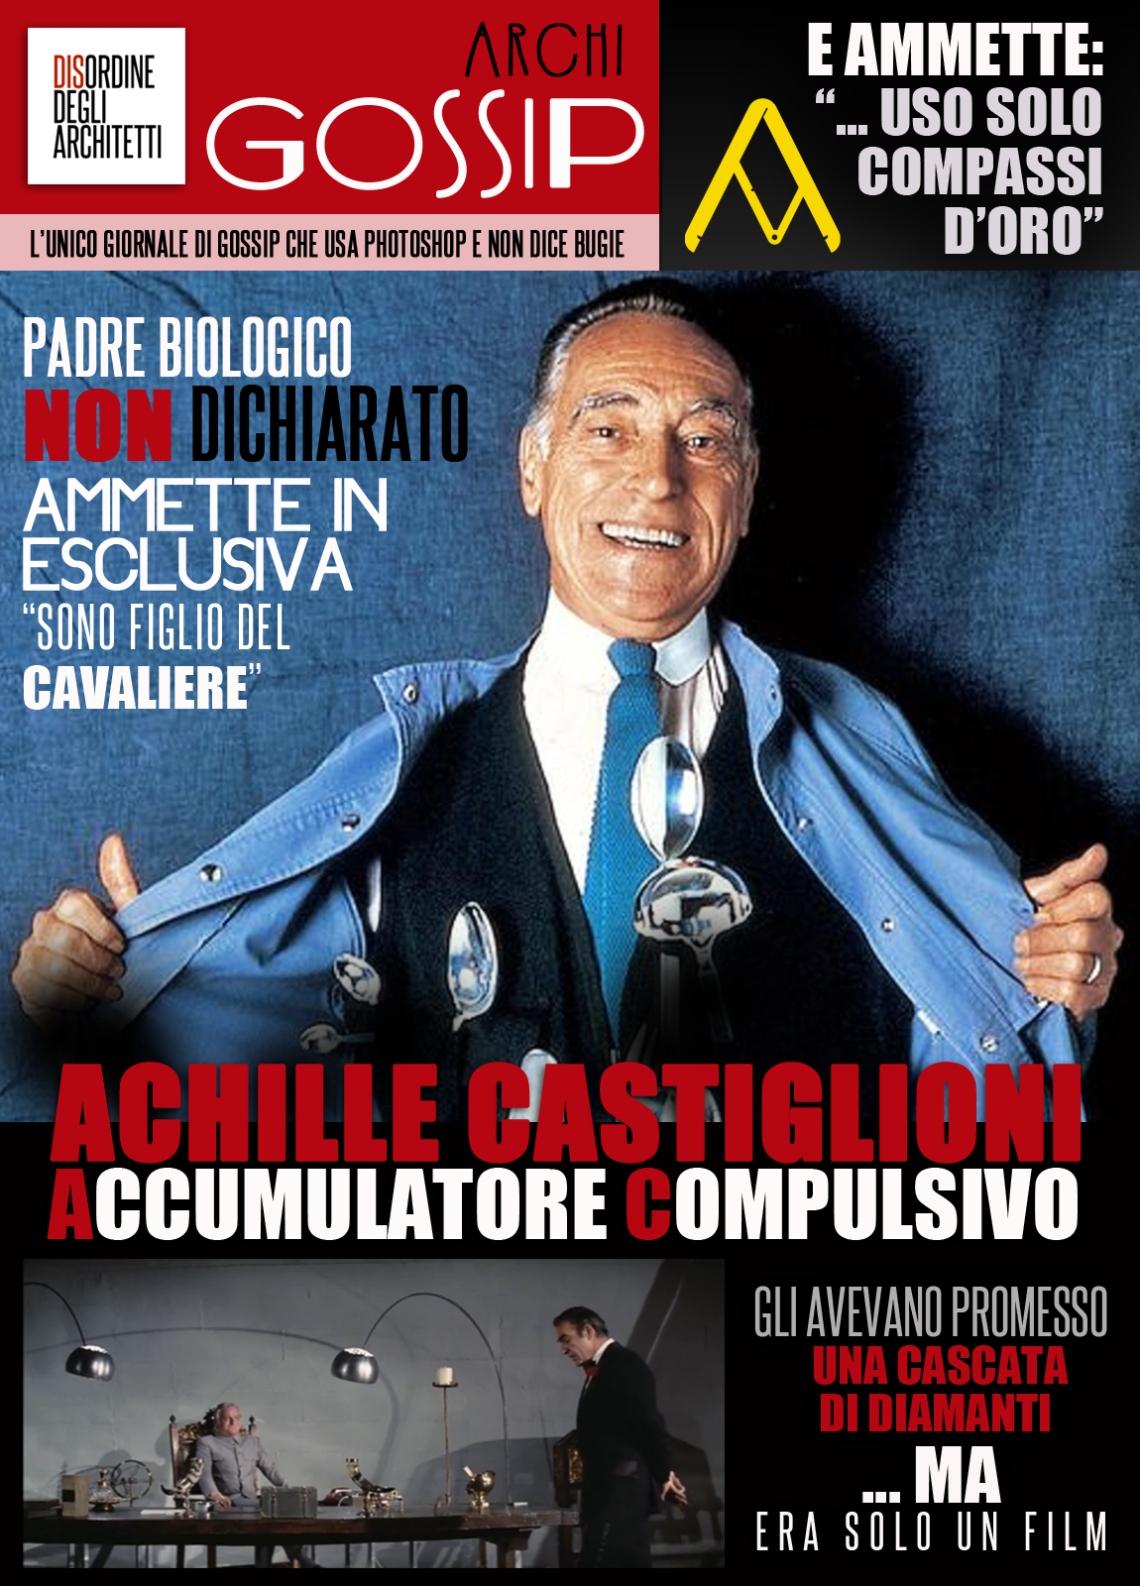 08 Achille Castiglioni